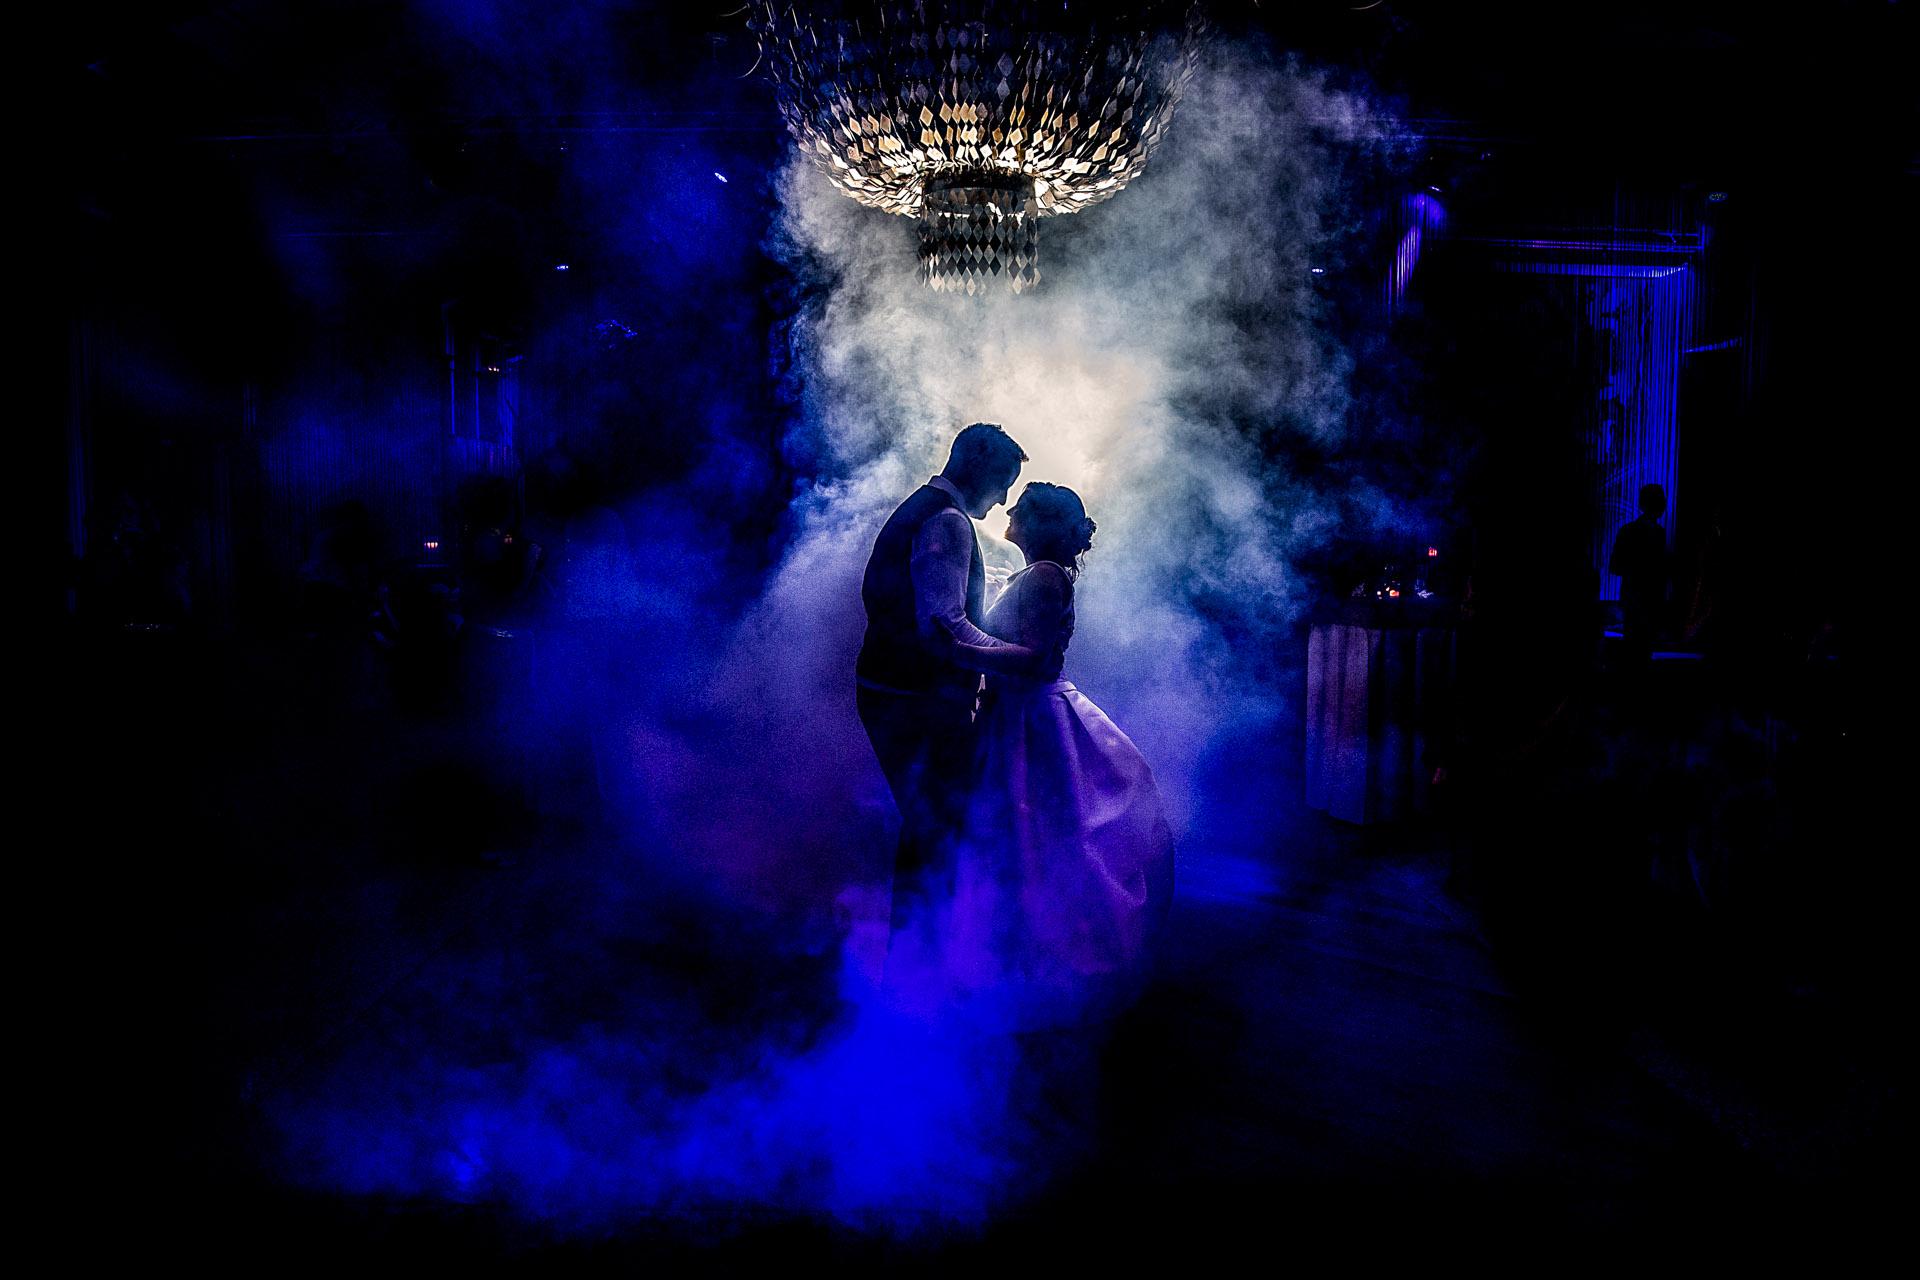 fotografo-de-boda-fotografia-original-fotochita-bodas-novios-sesion-fotografica-majadahonda-chipiona-rota-el-puerto-de-santa-maria-jerez